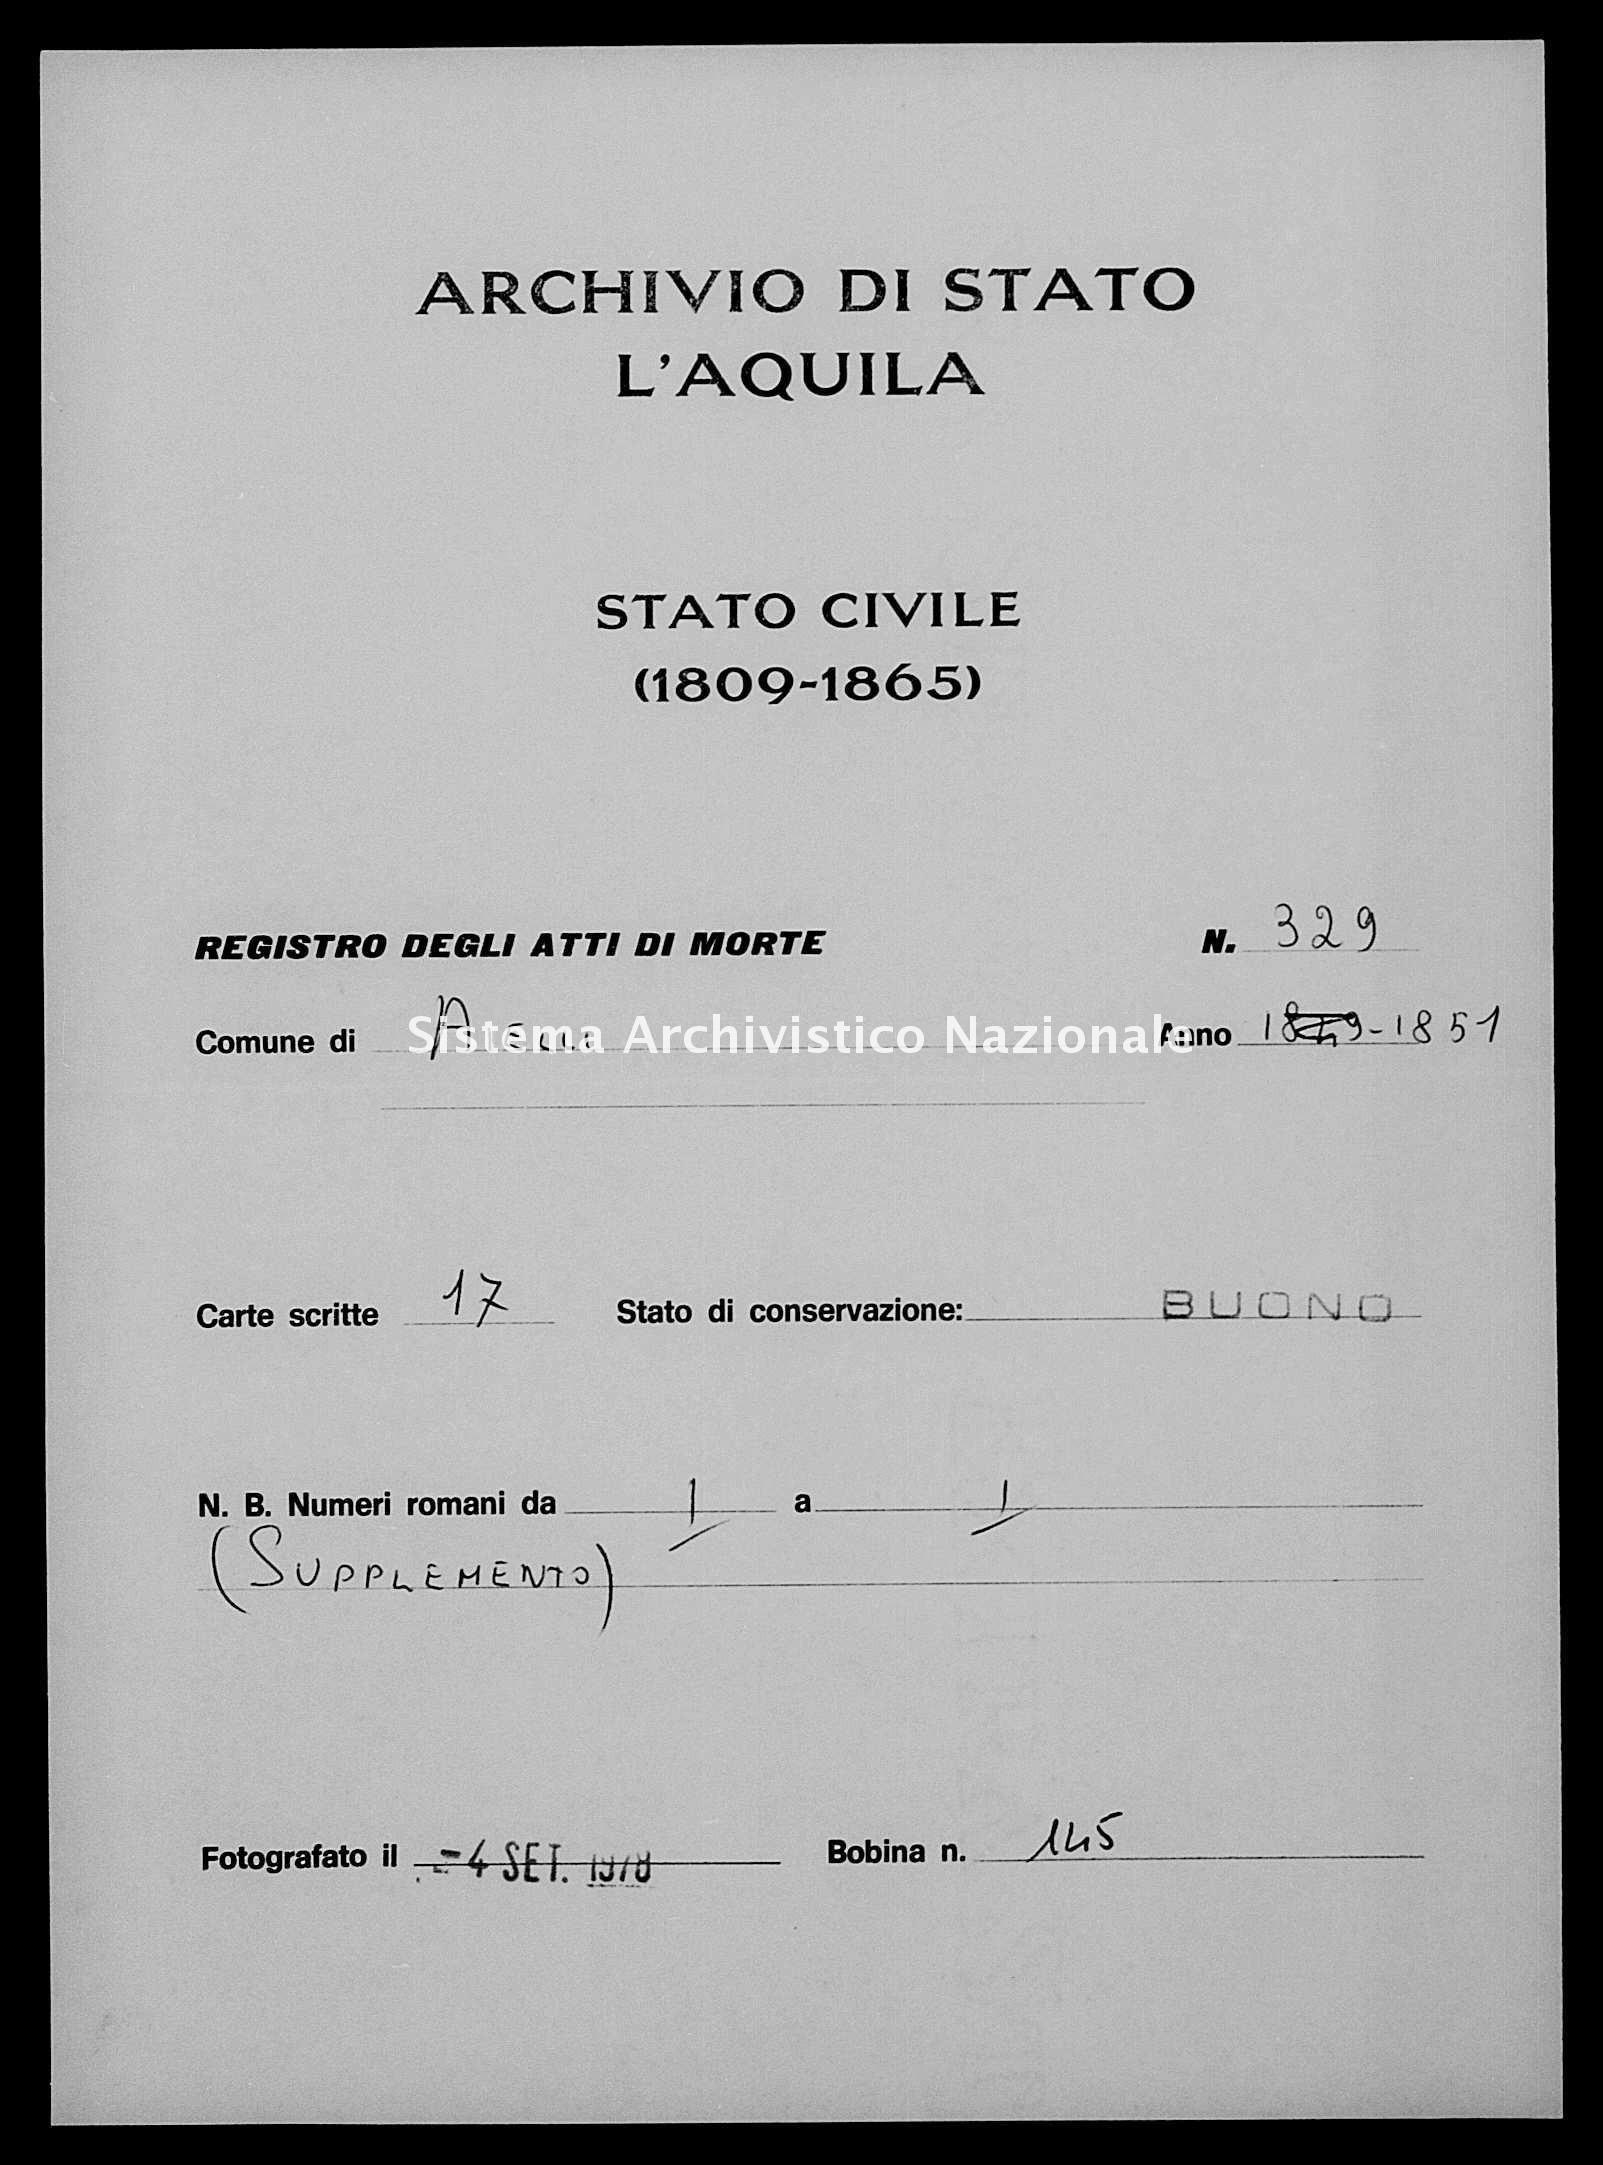 Archivio di stato di L'aquila - Stato civile della restaurazione - Aielli - Morti - 1851 - 329 -